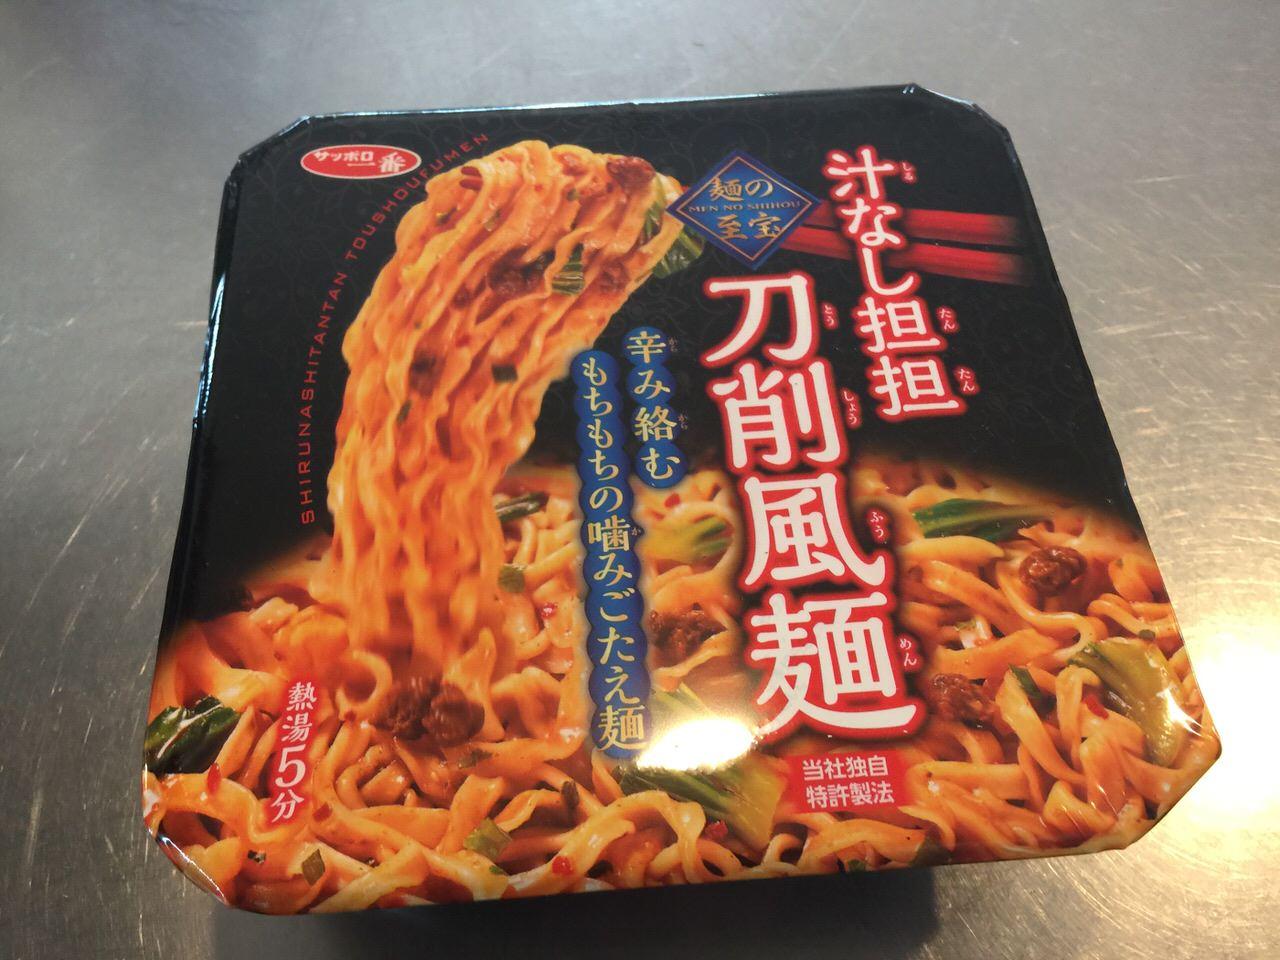 サッポロ一番「汁なし坦坦 刀削風麺」謎の肉がたっぷり&花椒がピリリと利いて美味い!